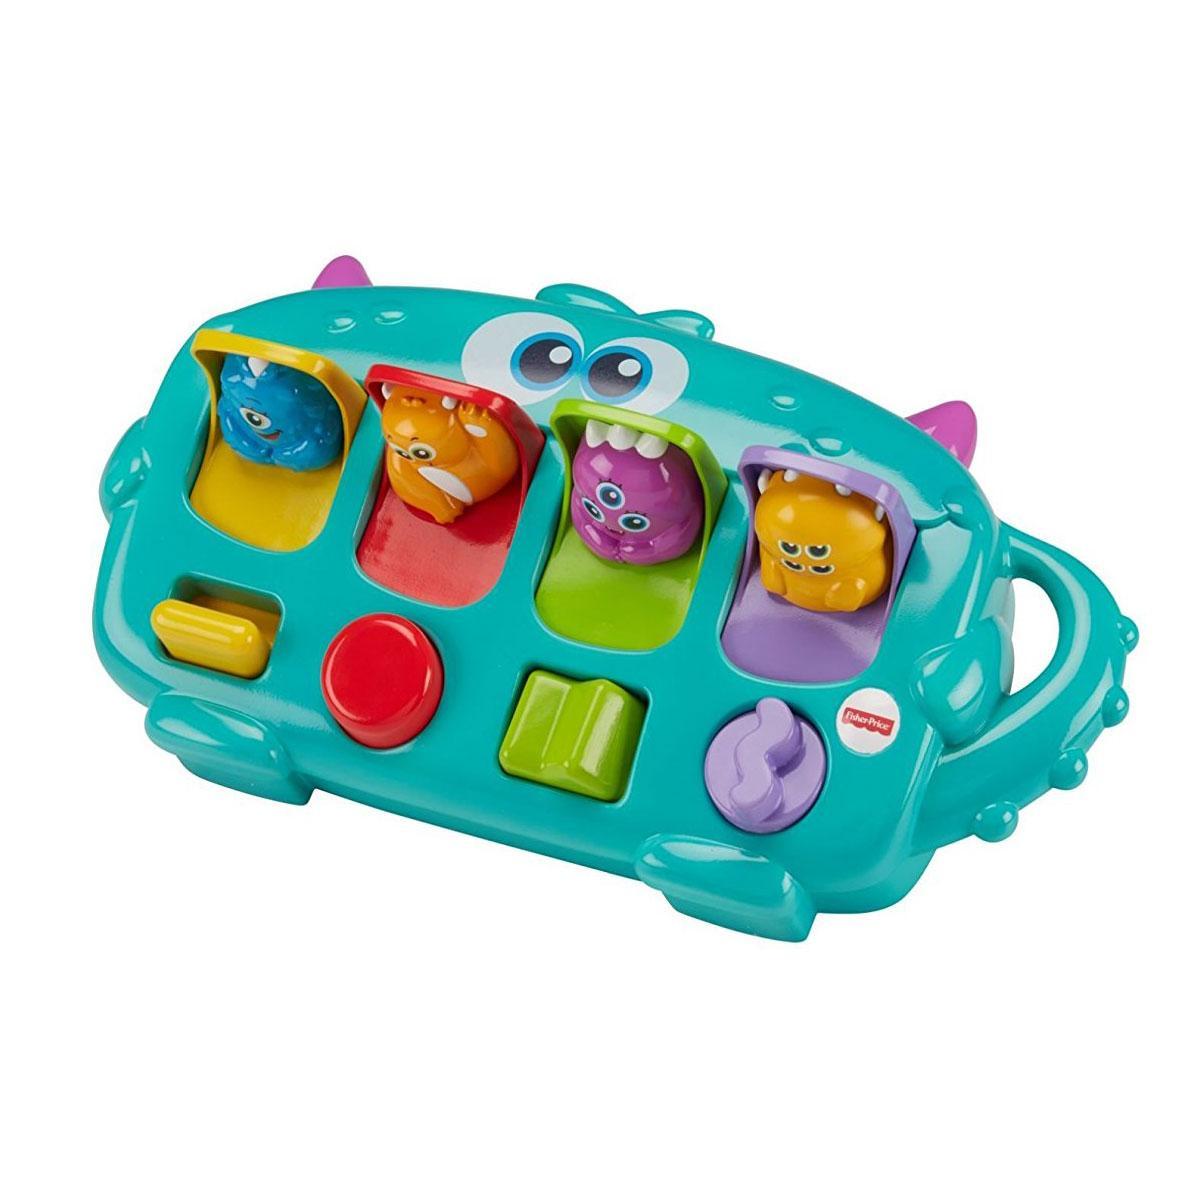 Топ 10 развивающих игрушек, фото №4 - интернет магазин Платошка